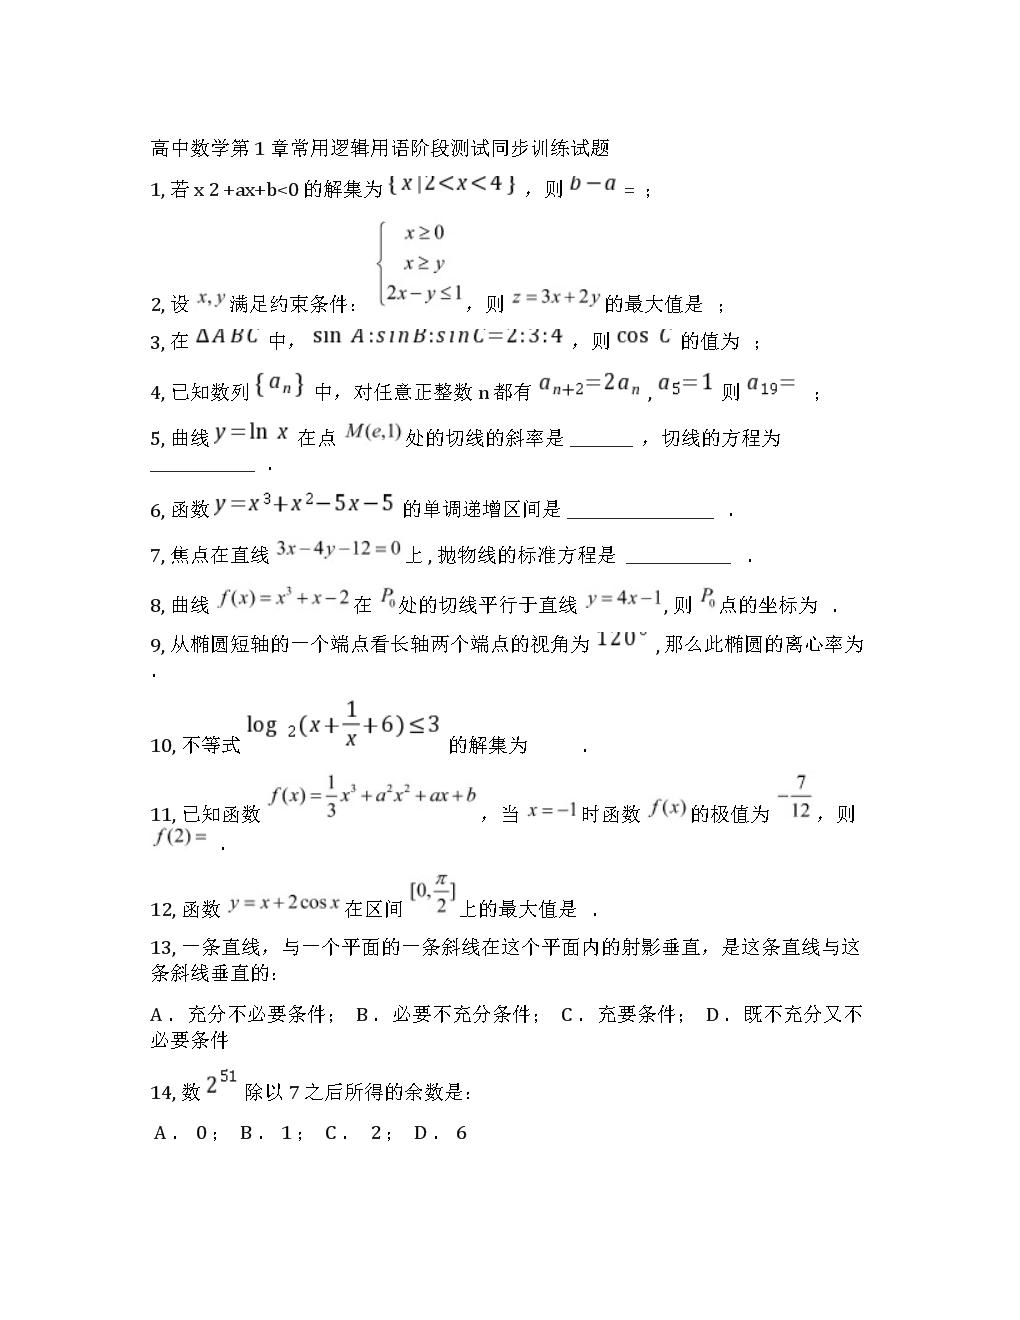 高中数学第1章常用逻辑用语阶段测试同步训练试题.docx